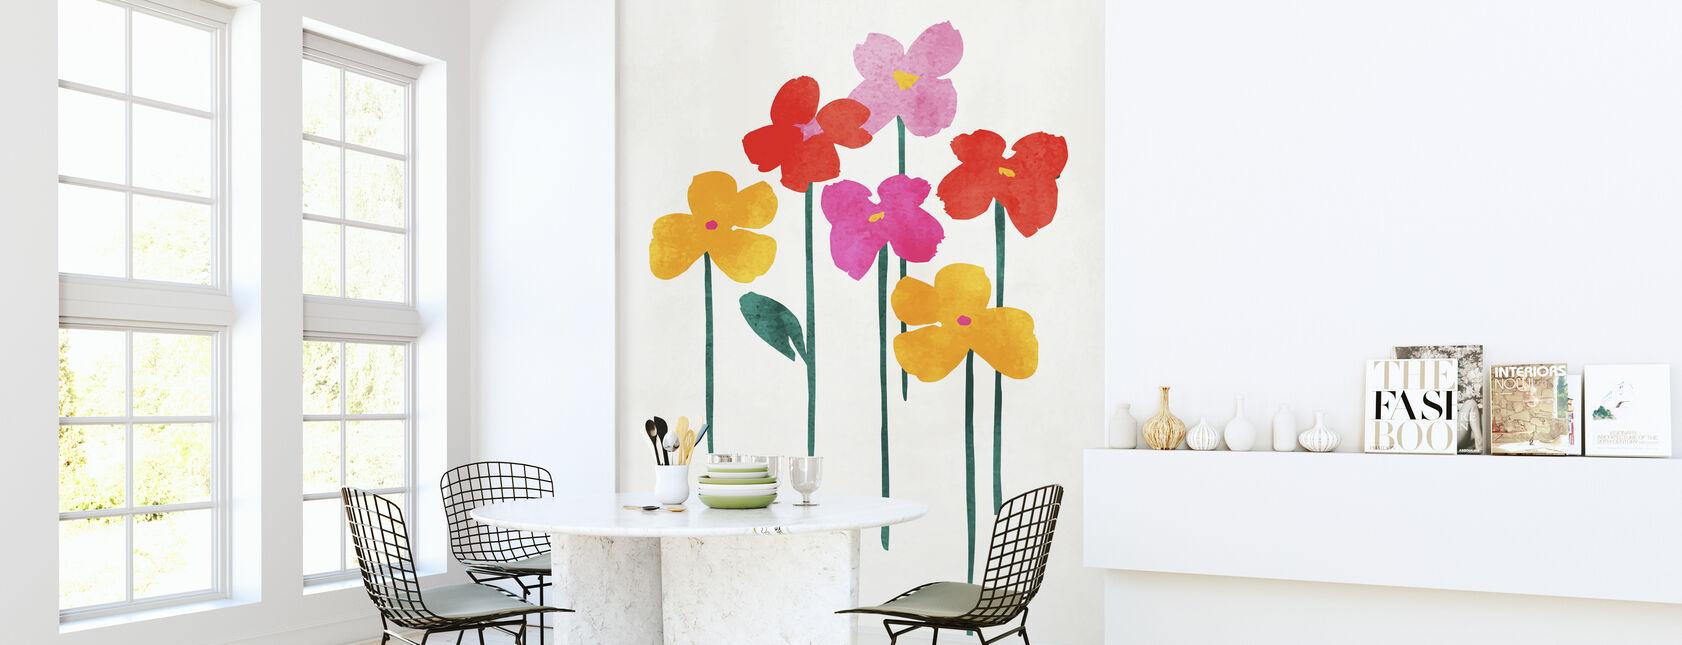 Kleine gelukkige bloemen - Behang - Keuken